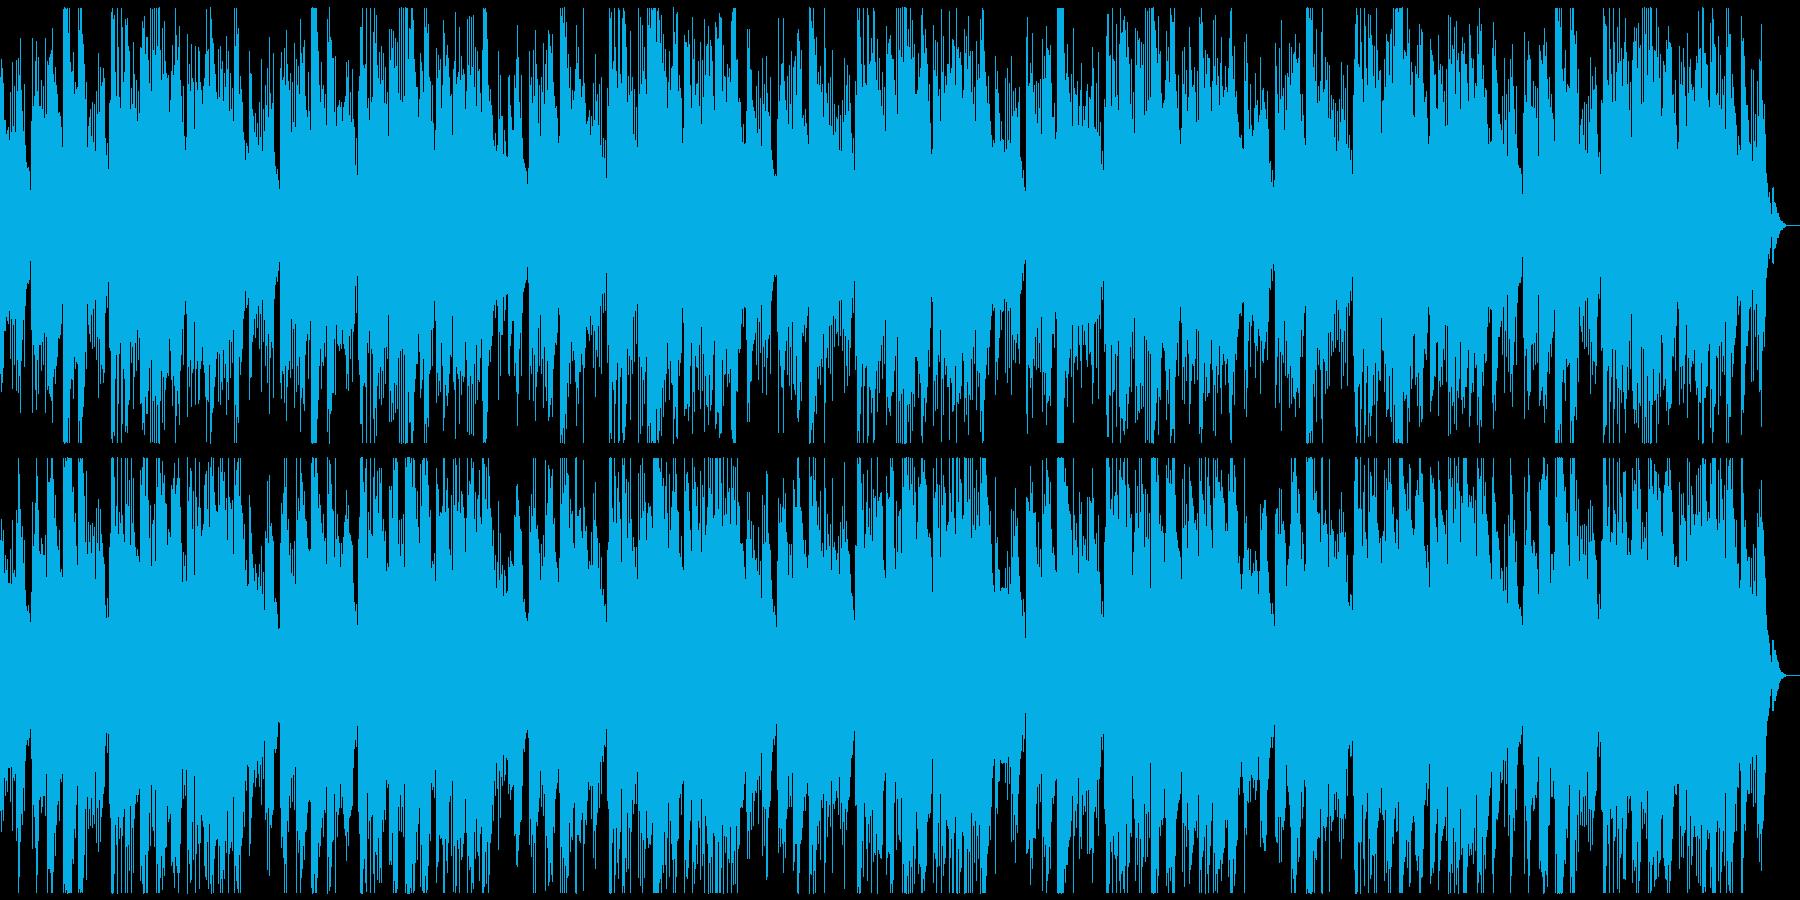 透明感のあるリラクゼーションミュージックの再生済みの波形